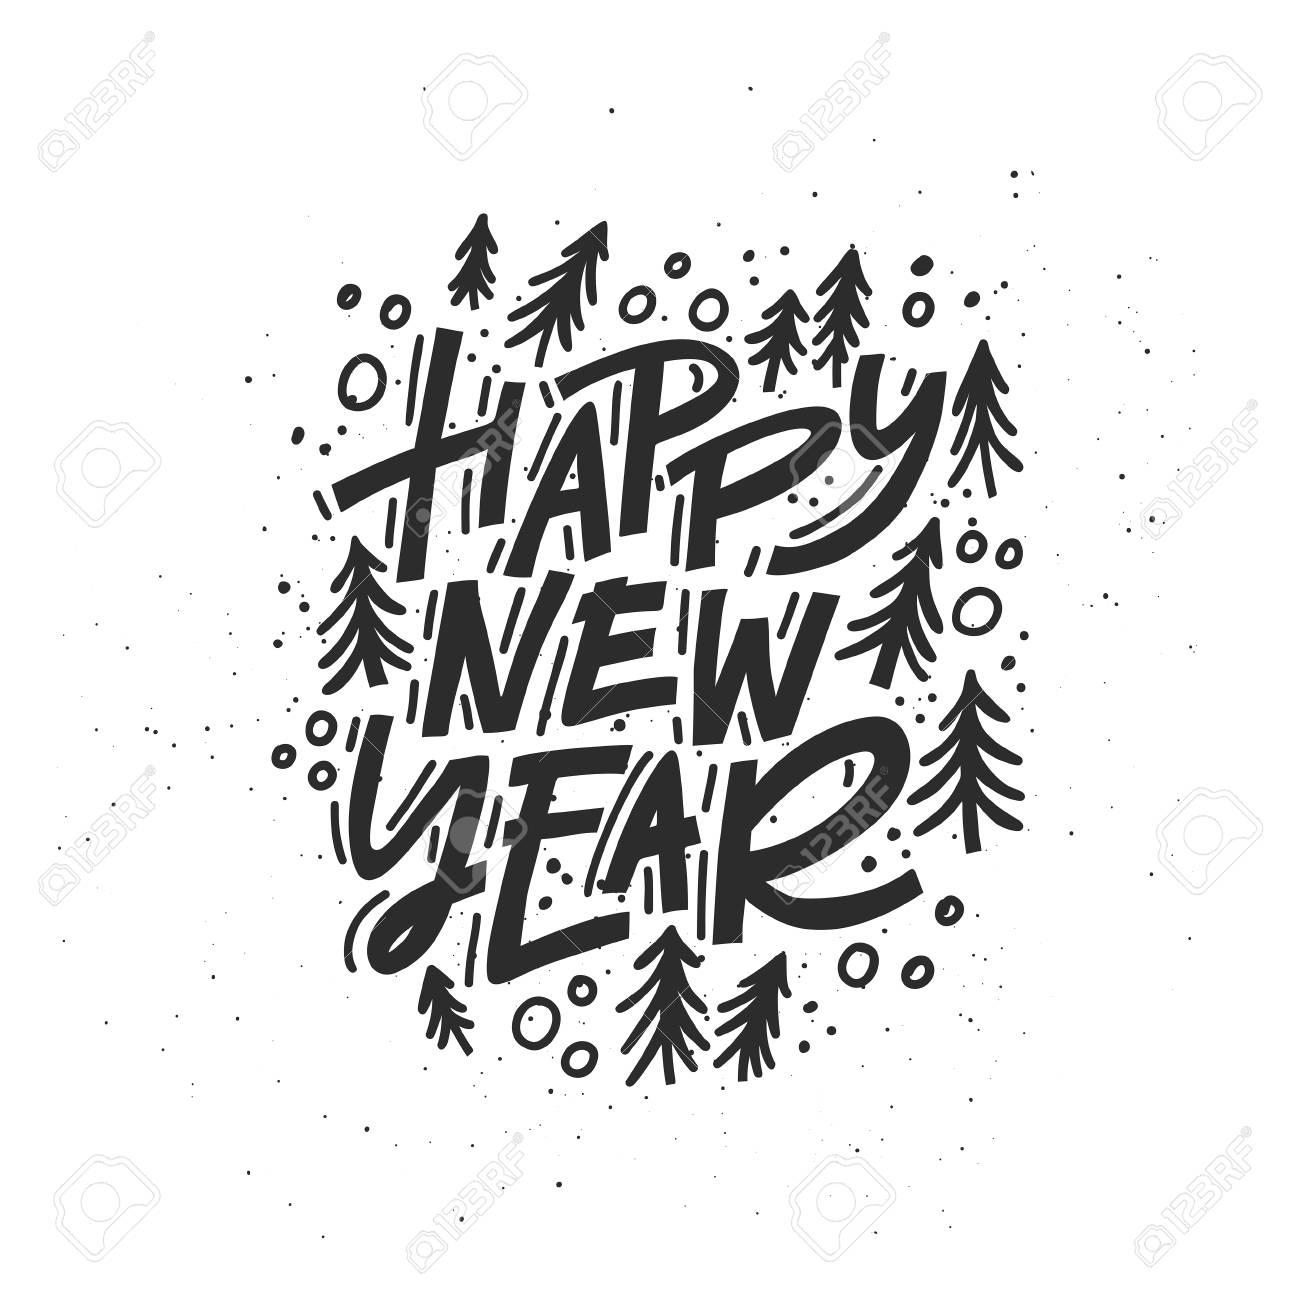 Feliz Ano Novo Frase De Caligrafia Letras Modernas Para Cartões Cartazes Camisetas Etc Com Elementos Handdrawn